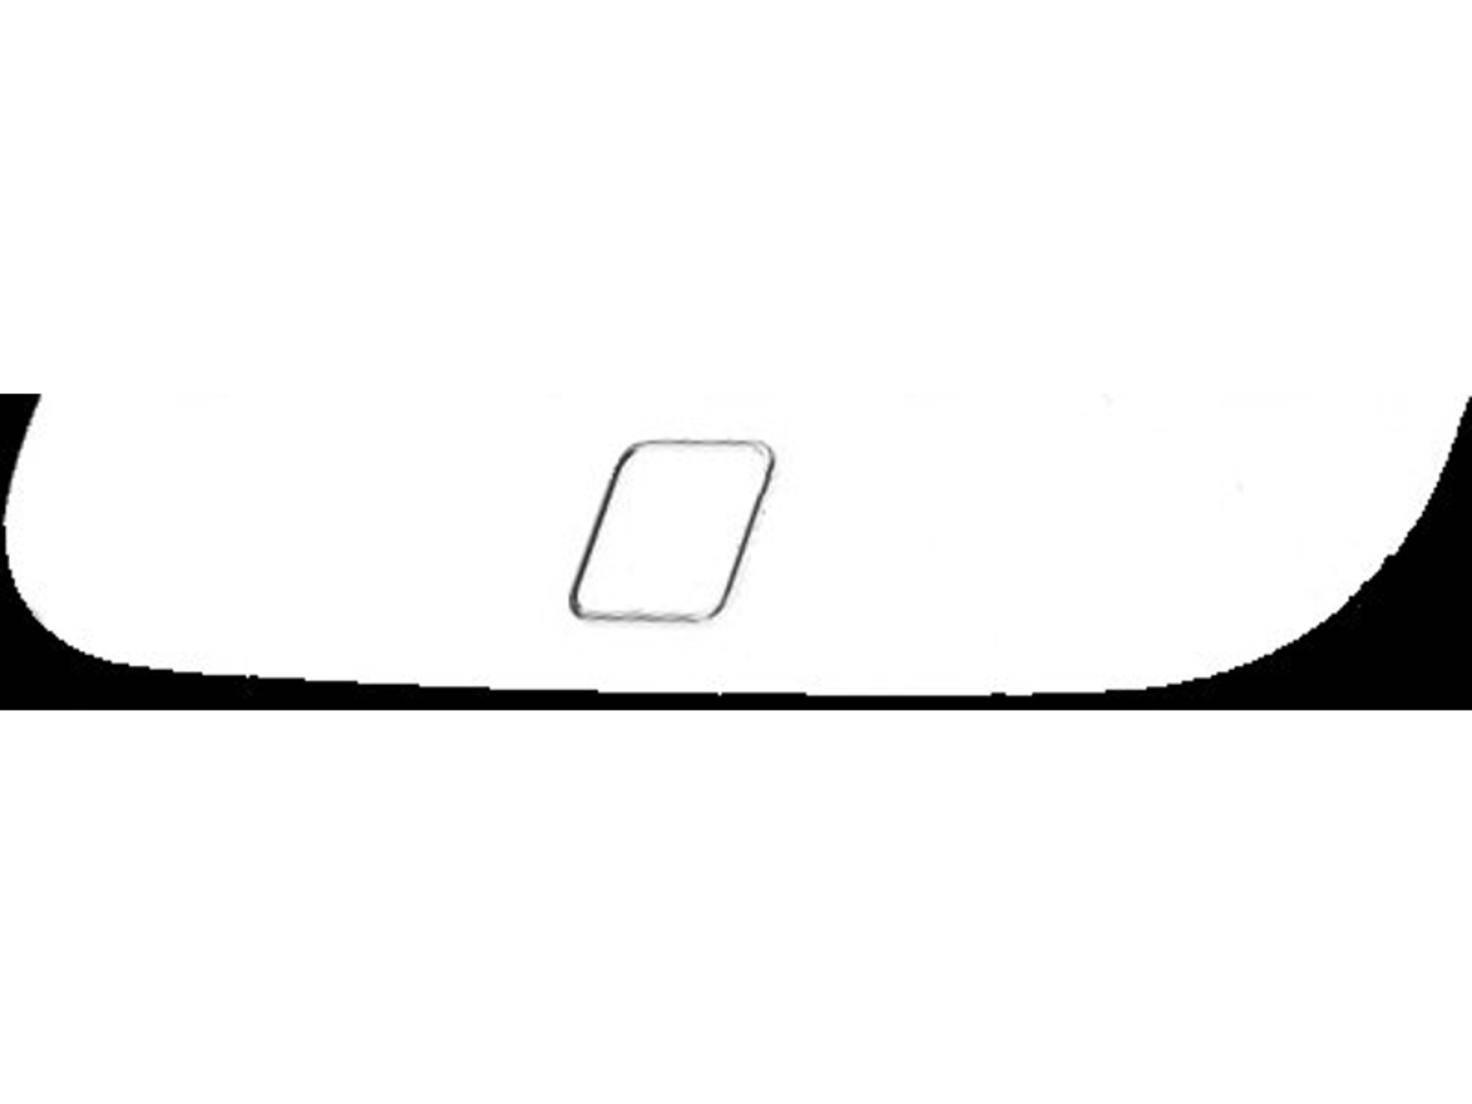 Das soll der Fingerabdruckscanner des Moto G4 Plus sein.